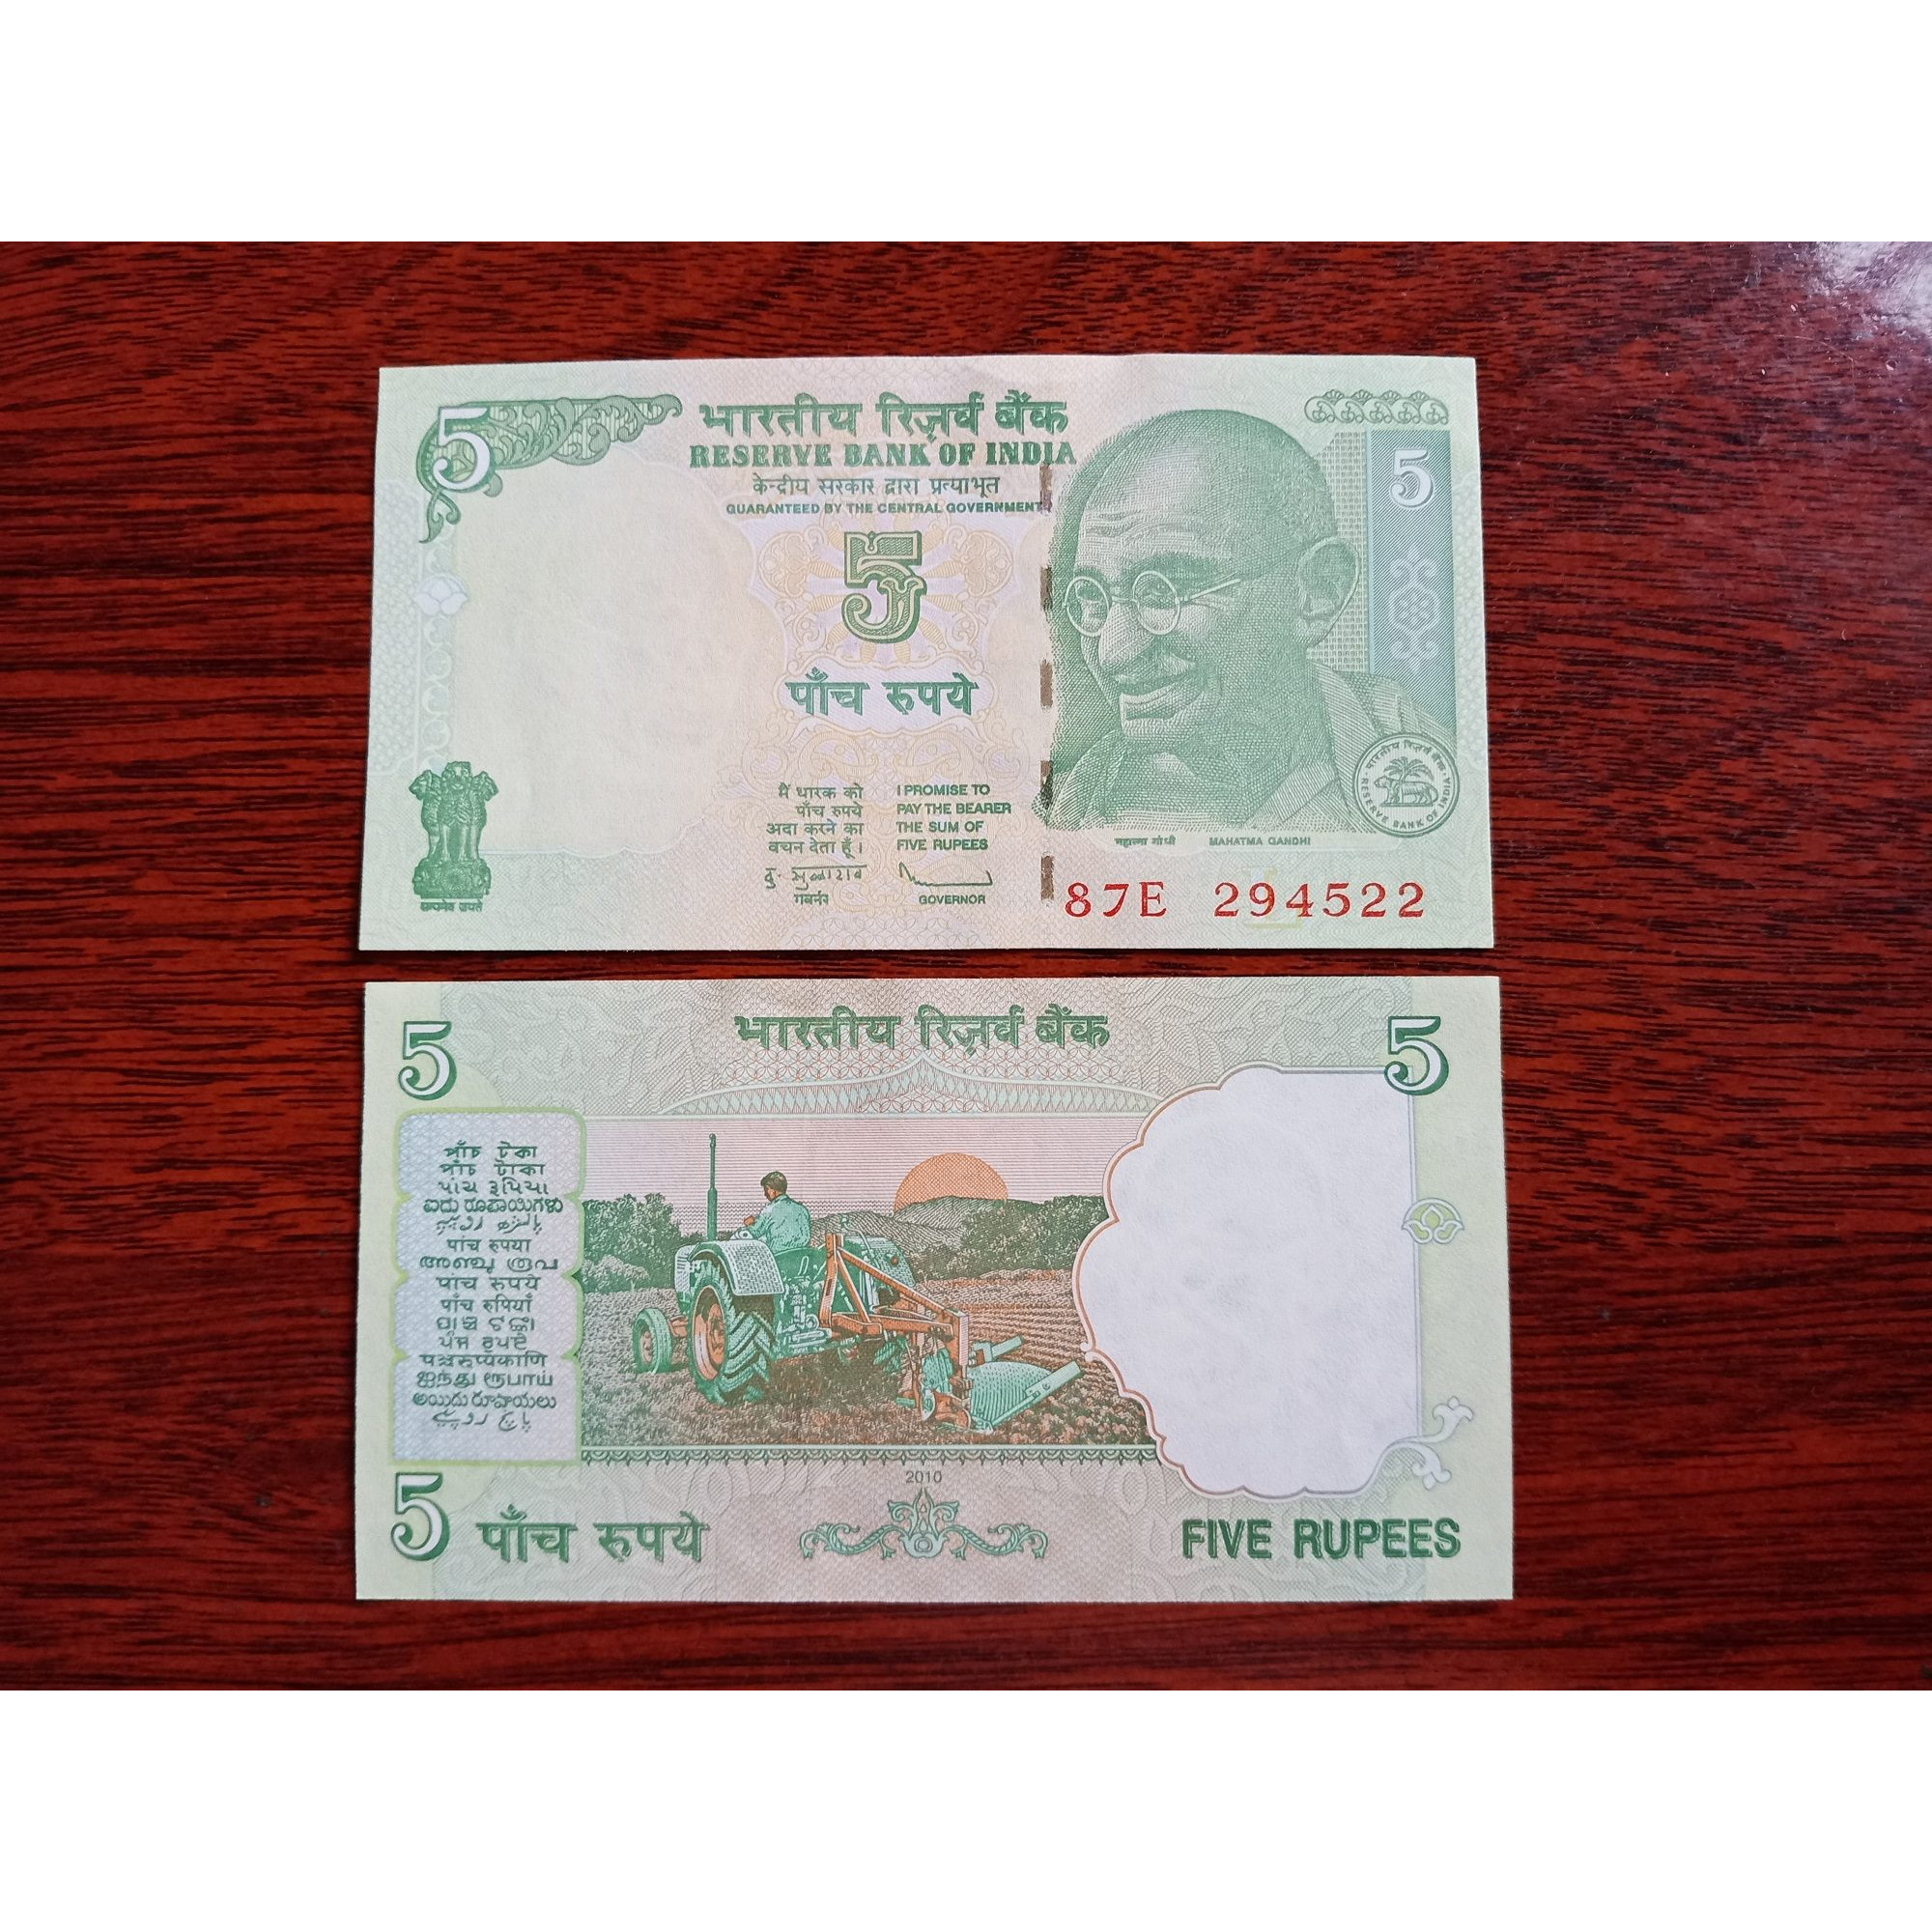 Tiền giấy Ấn Độ 5 Rupees xưa sưu tầm, mới 100% - tặng kèm bao lì xì